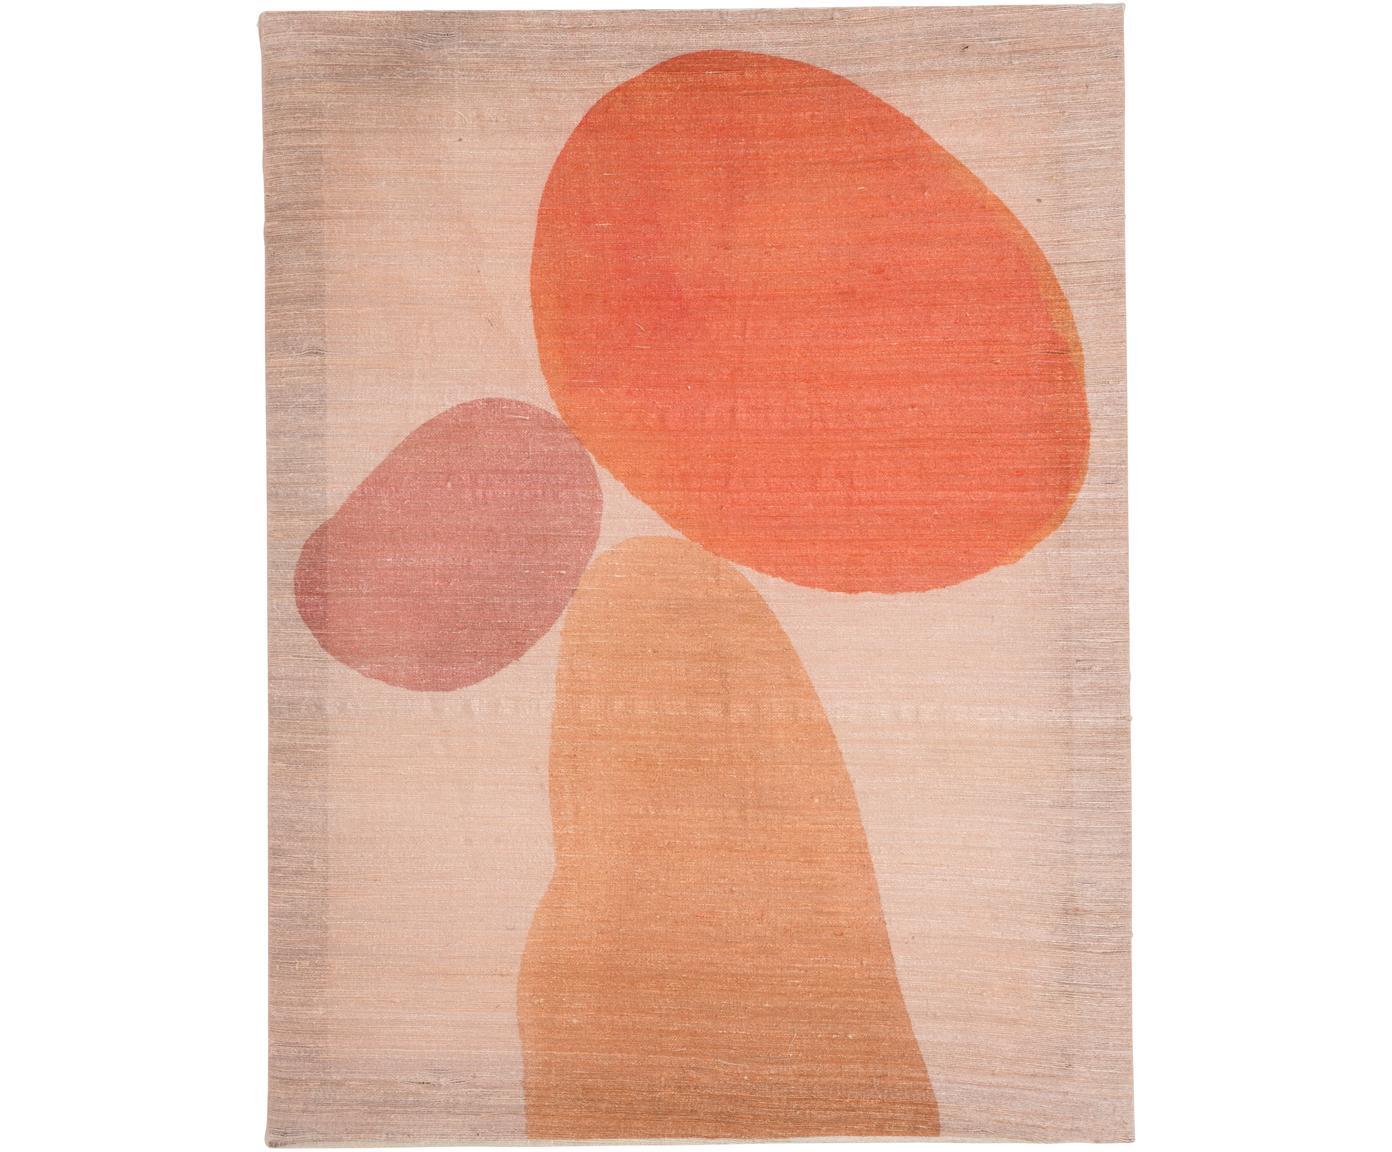 Handbeschilderde canvasdoek Dots, Khadi zijde, Oranje, roze, beige, 50 x 65 cm